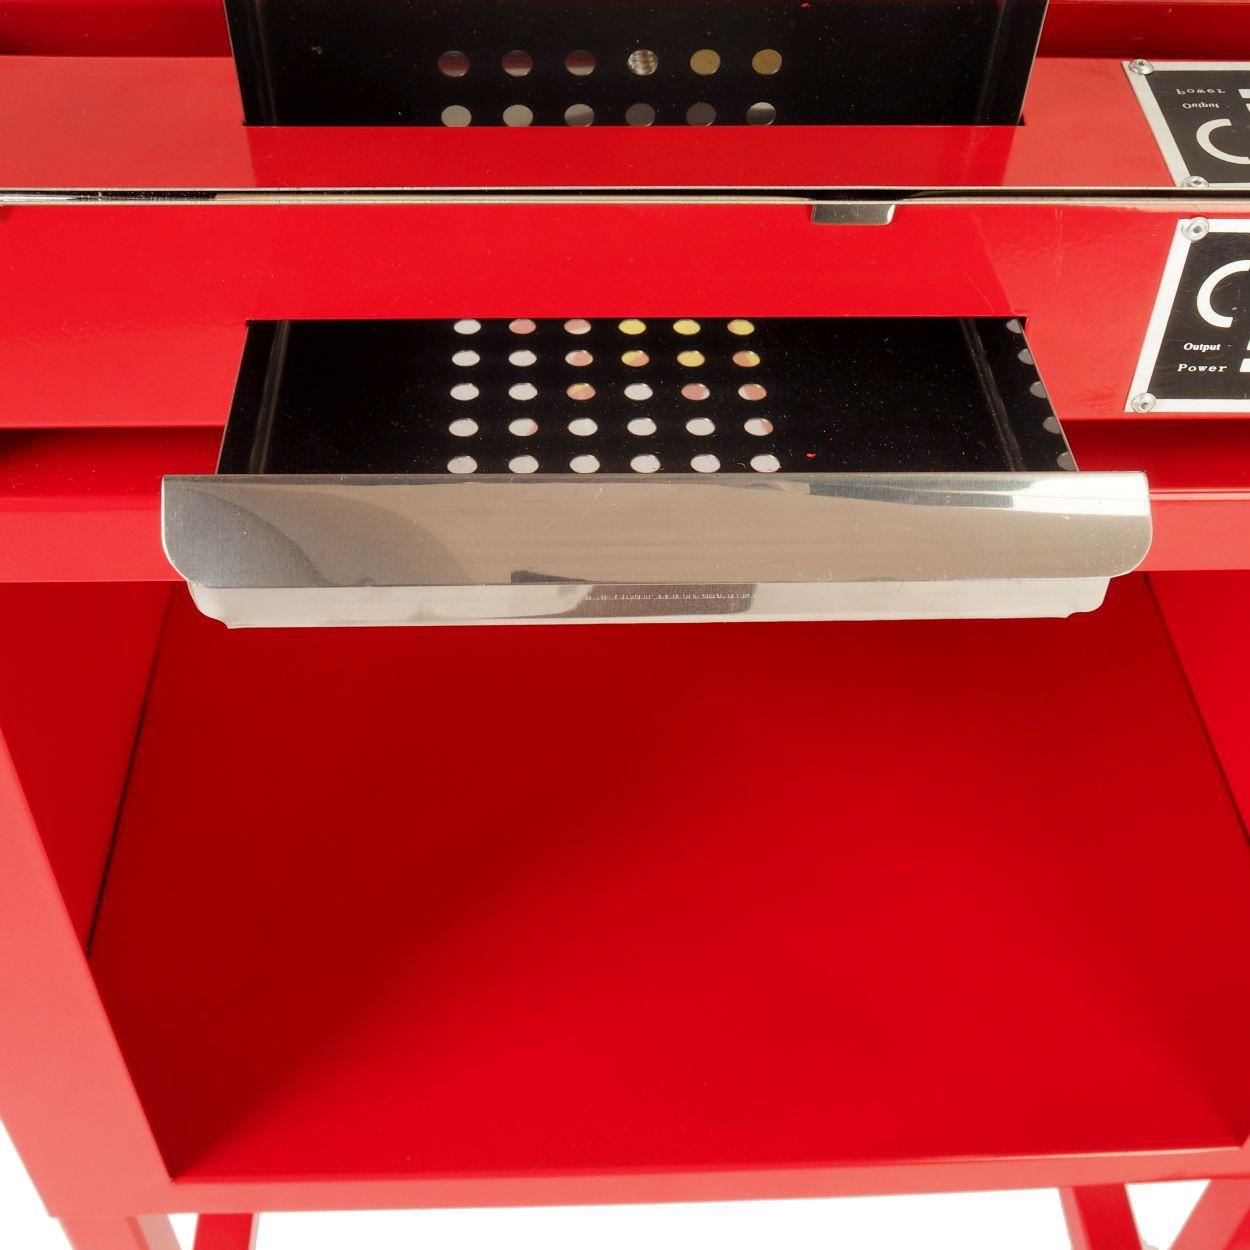 gro e popcornmaschine f r knusprige popcorn mit w rmeplatte und innenbeleuchtung ca 5 kg. Black Bedroom Furniture Sets. Home Design Ideas